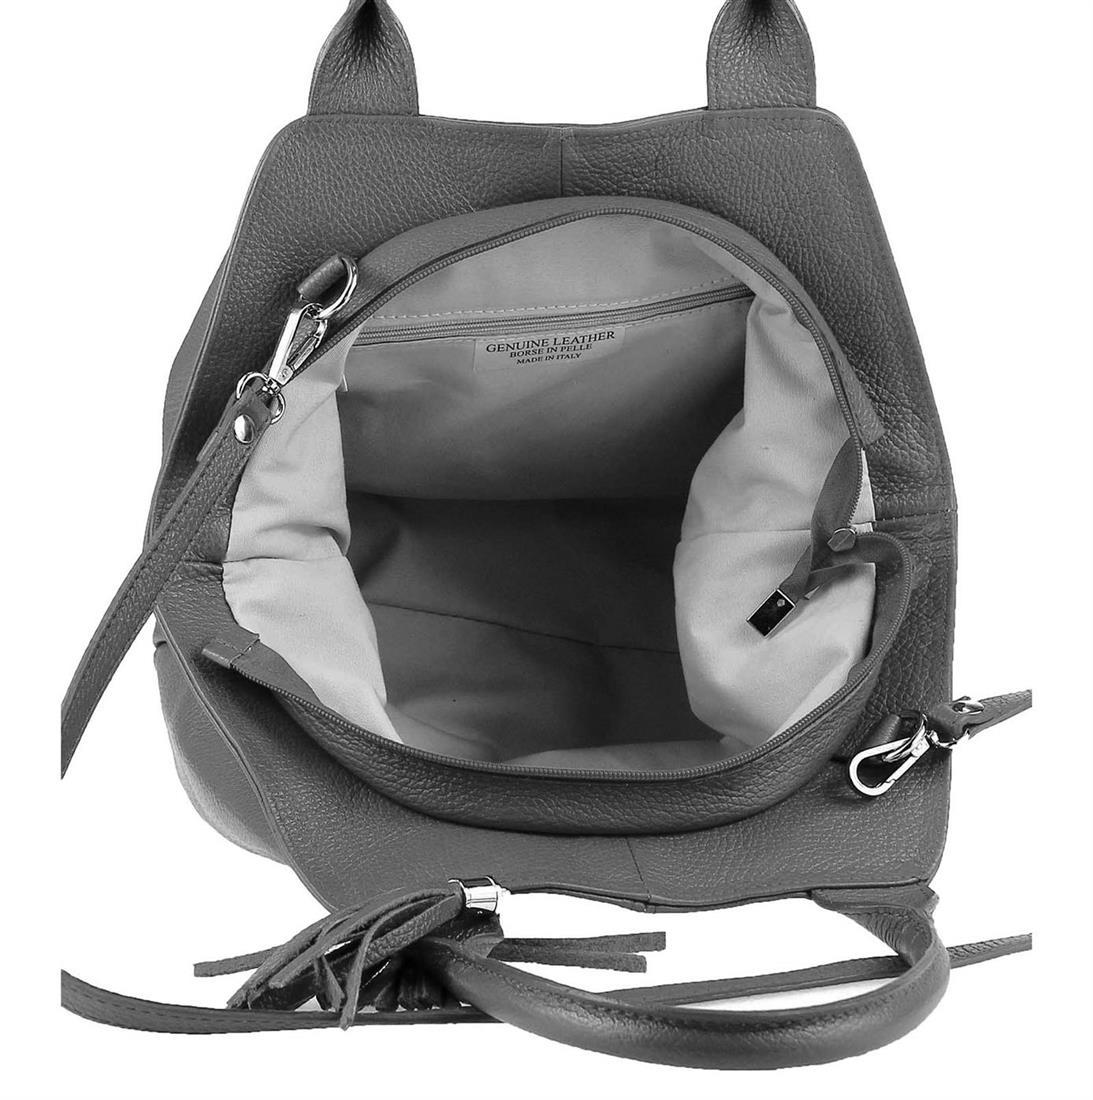 ITALY-LEDER-SHOPPER-Umhaengetasche-Schulter-Hand-Tasche-Damentasche-Ledertasche Indexbild 28